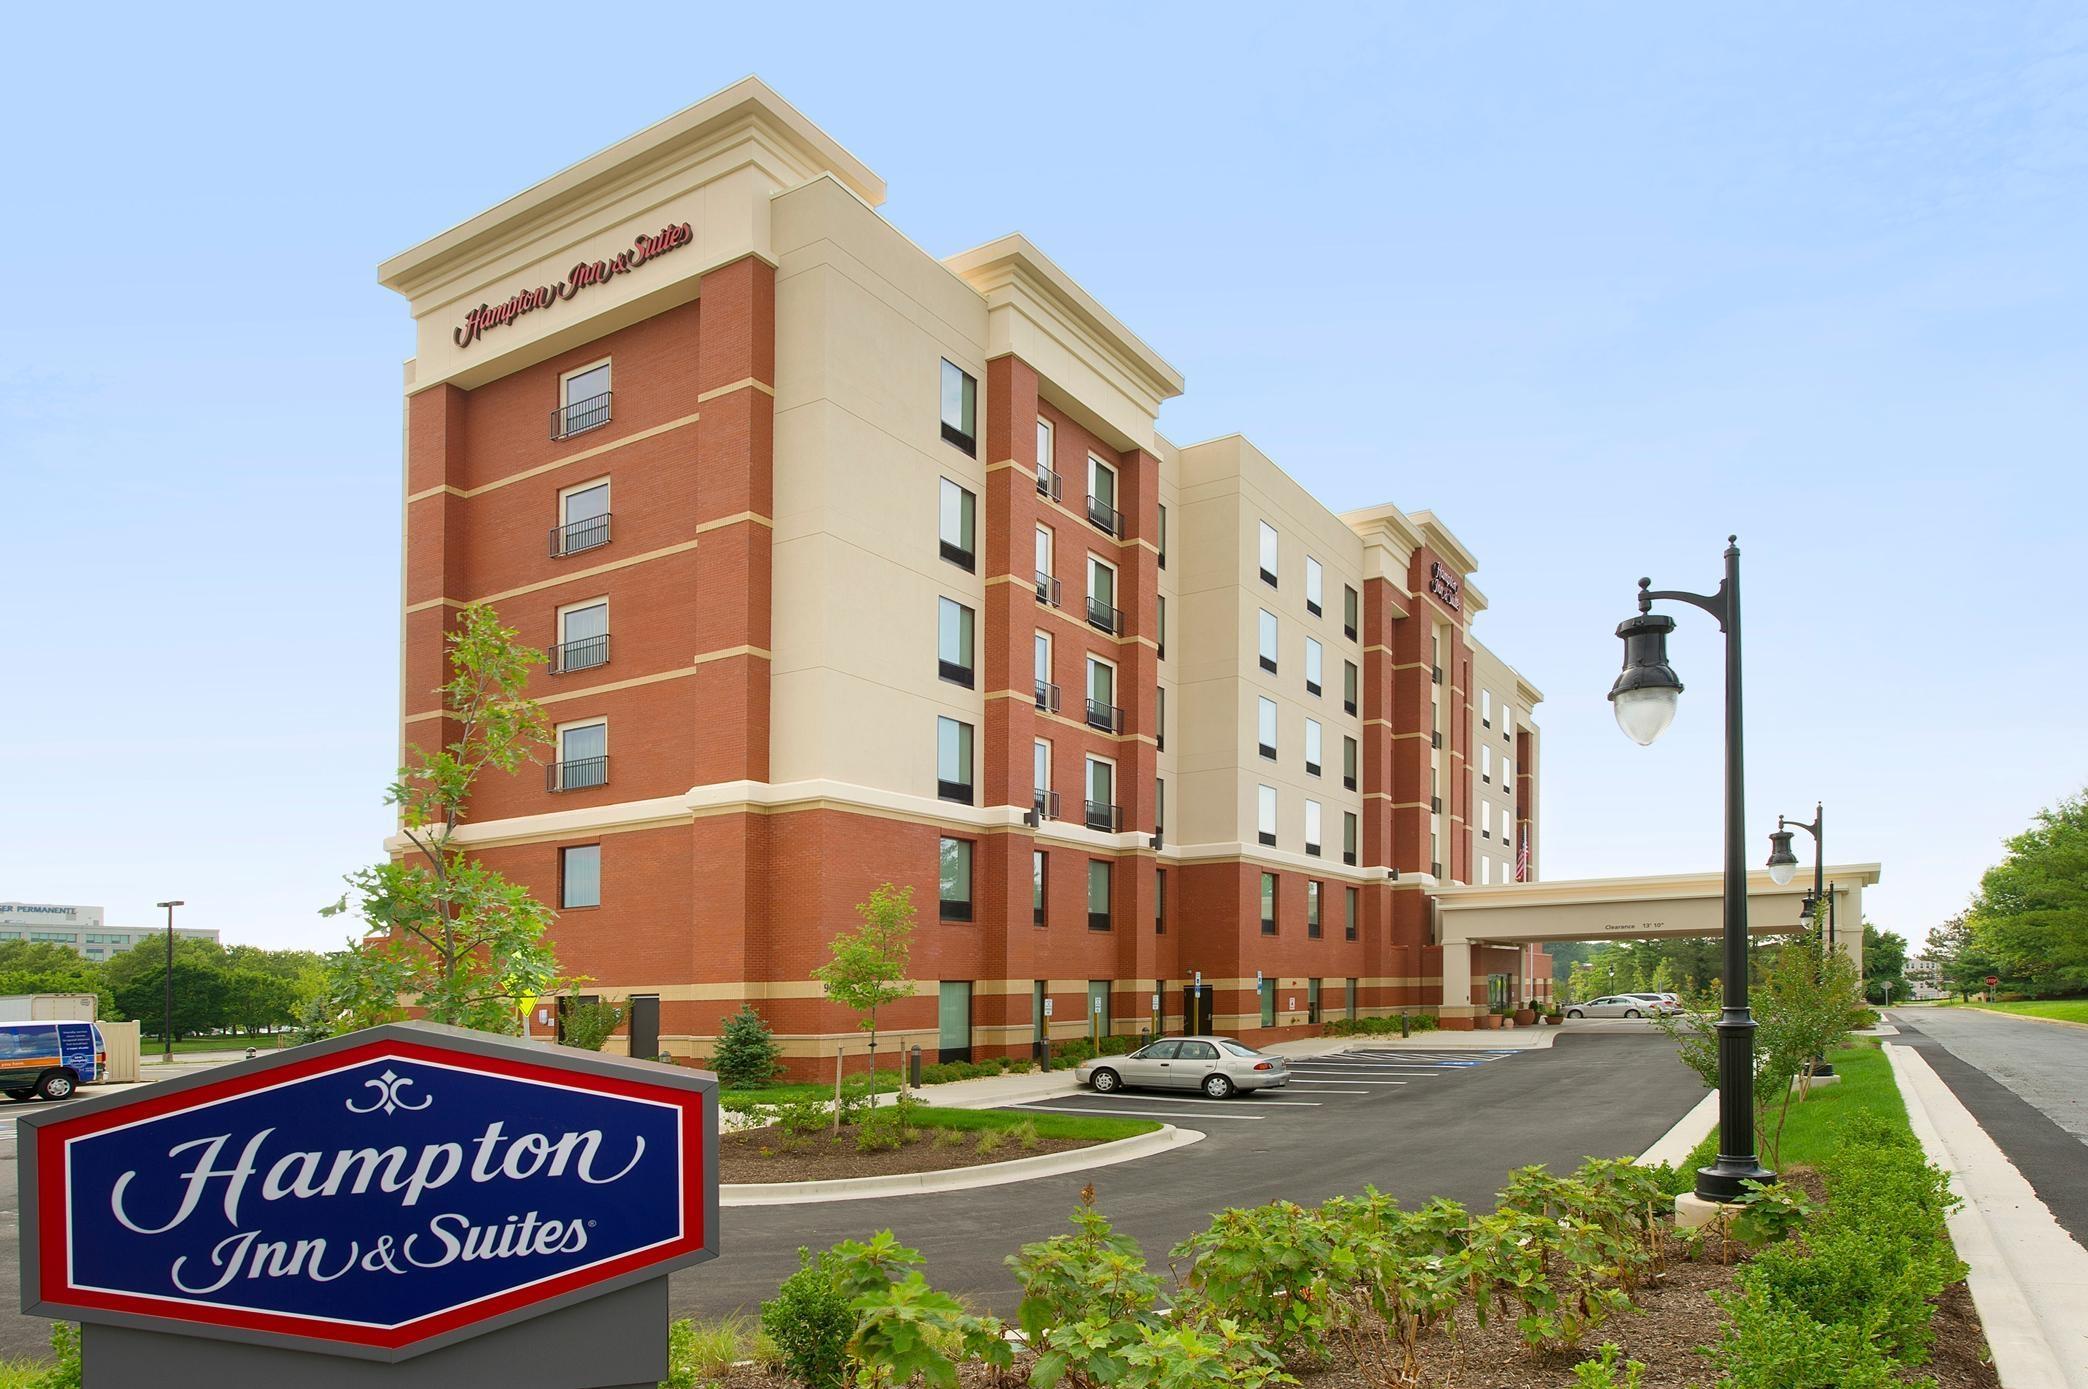 Hampton Inn Suites Washington Dc North Gaithersburg Gaithersburg Maryland Md